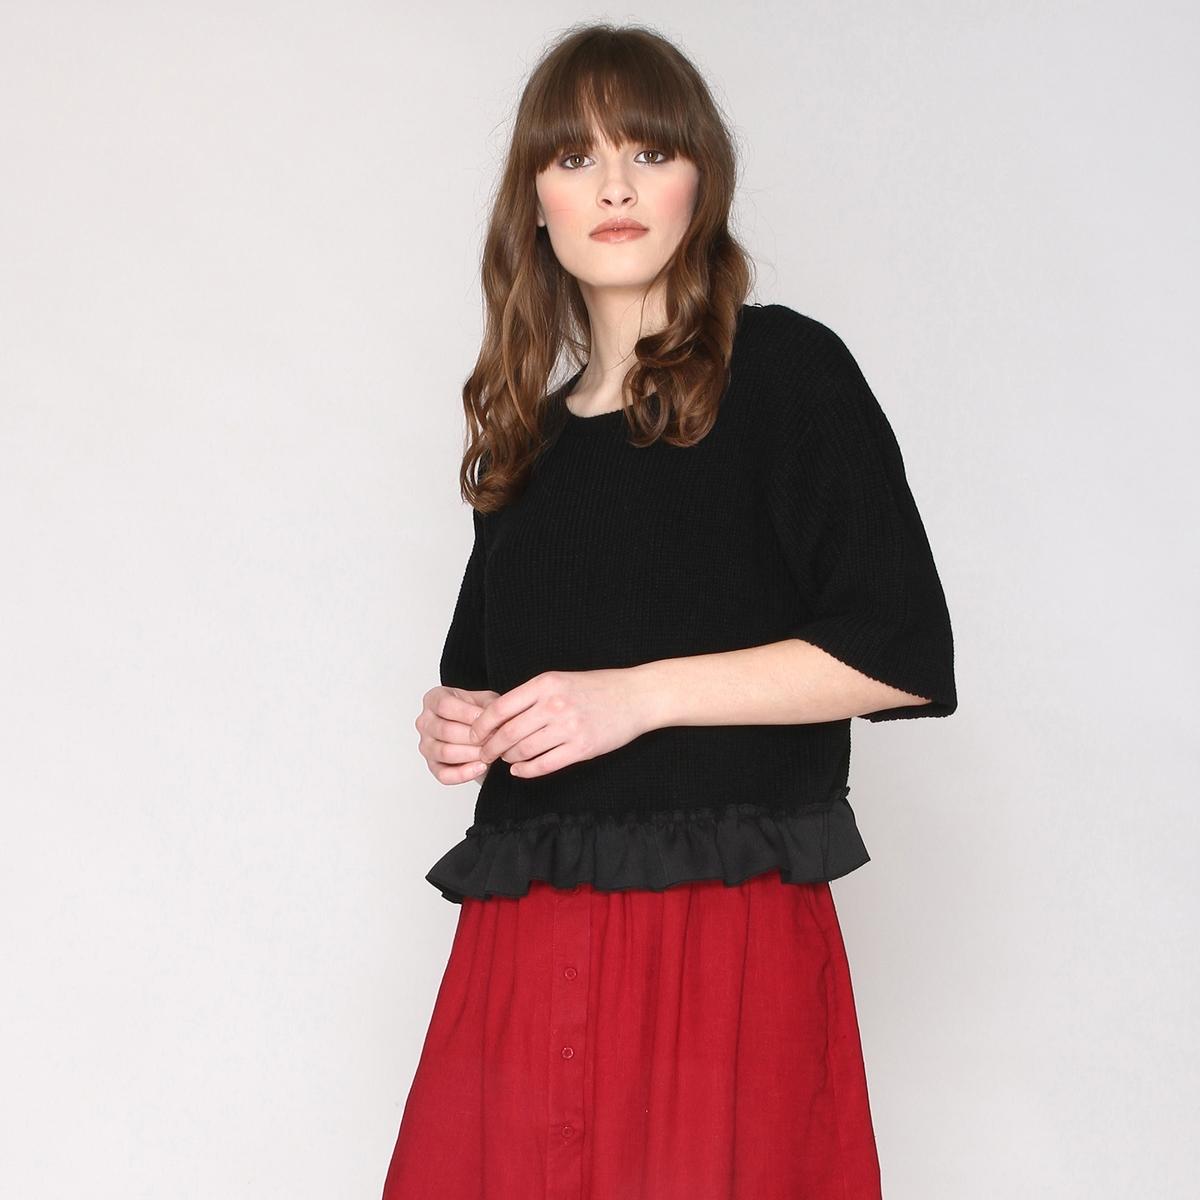 Пуловер с воланом по низу, рукава 3/4С этой моделью от испанской марки Pepaloves Вы можете создать Ваш новый симпатичный образ!Состав и описание:Материал: 100% акрил.Марка: Pepaloves.Застежка: без застежки.Низ с воланами.<br><br>Цвет: черный<br>Размер: L